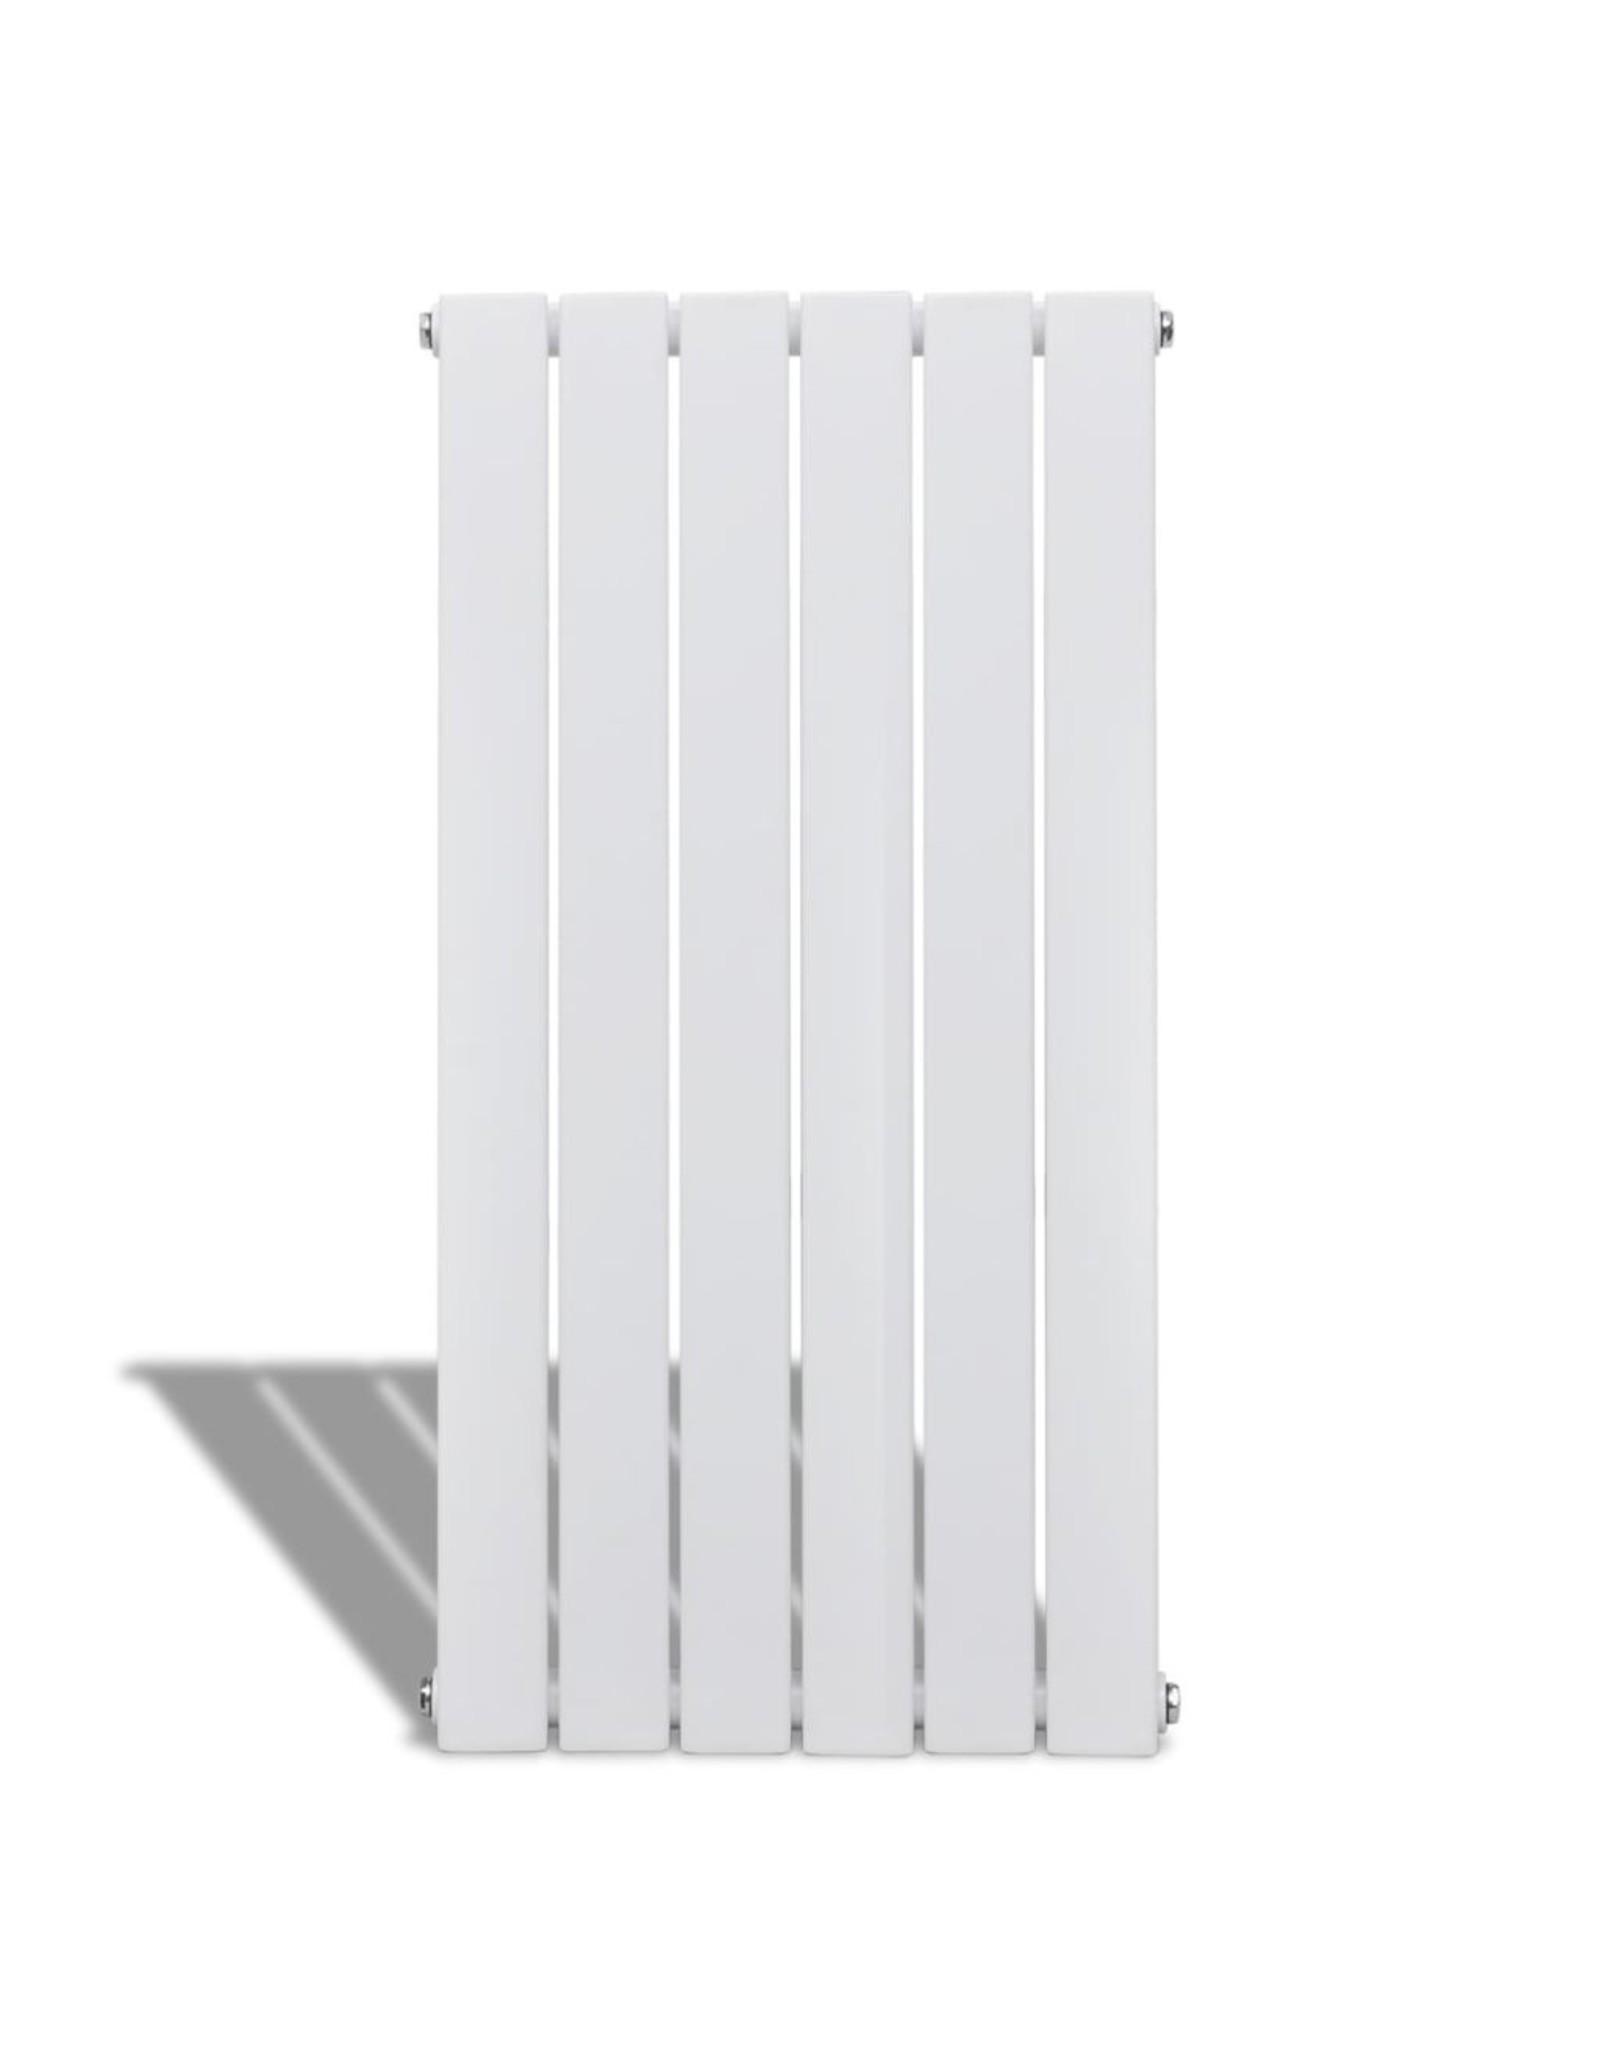 Enkele verwarmingsradiator wit 465 mm x 900 mm plus handdoekrek